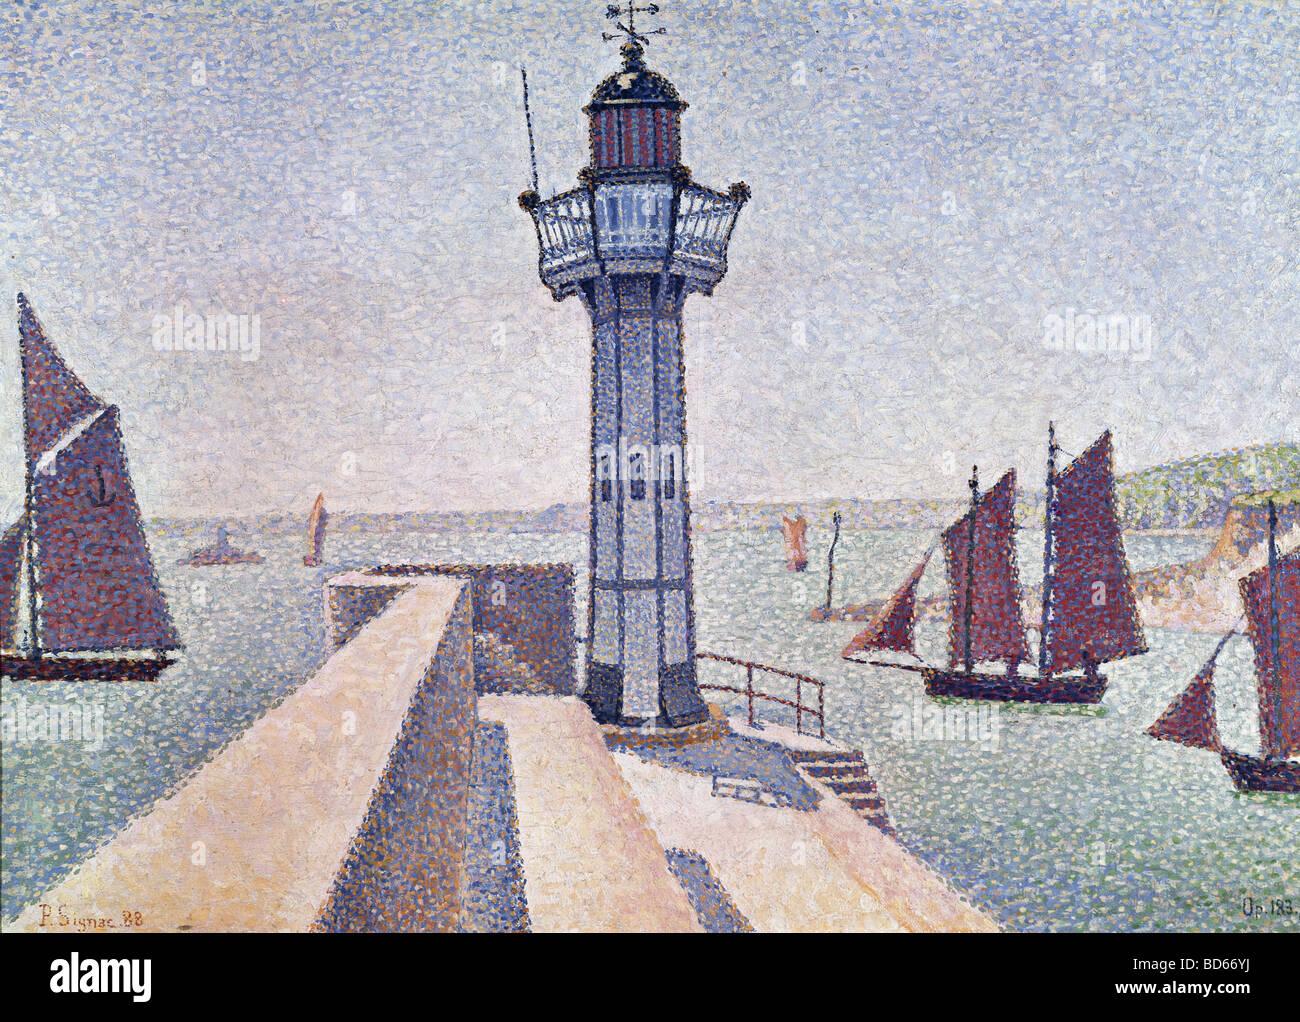 Beaux-arts, Signac, Paul, (1863 - 1935), peinture, Portrieux, 'Le Phare', 1888, Rijksmuseum Kröller-Müller, Otterlo, Banque D'Images